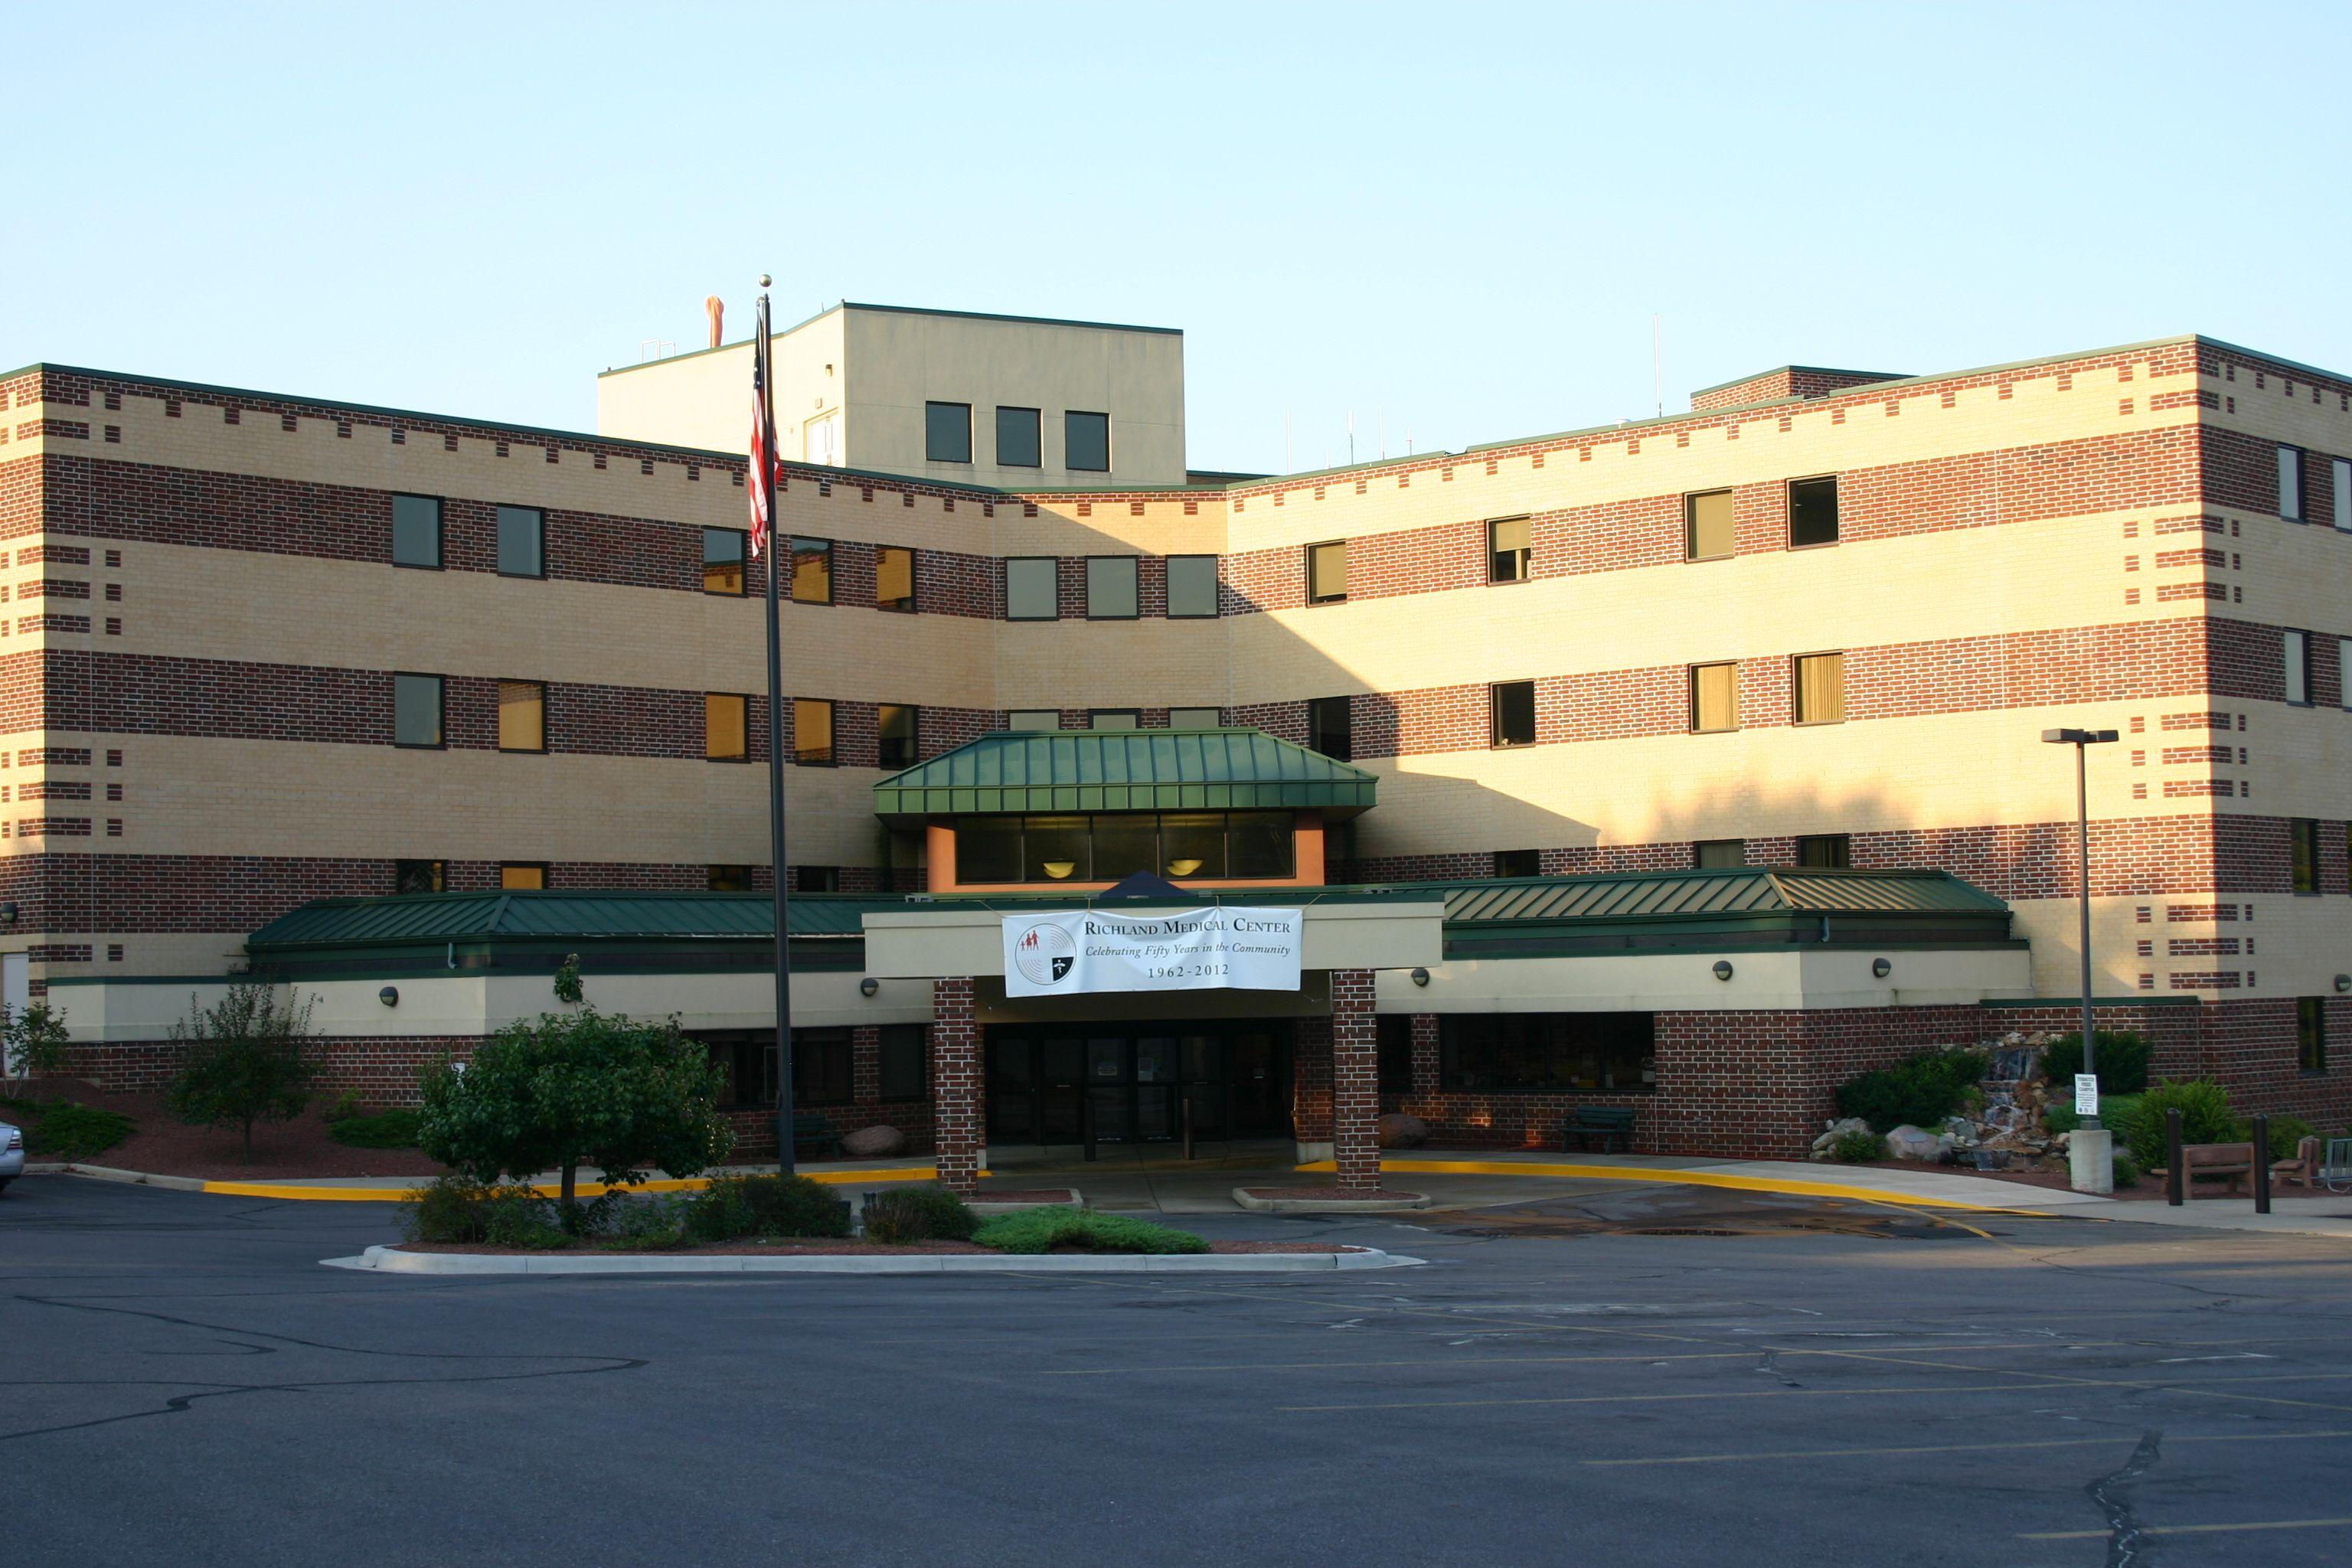 Central Ozarks Medical Center